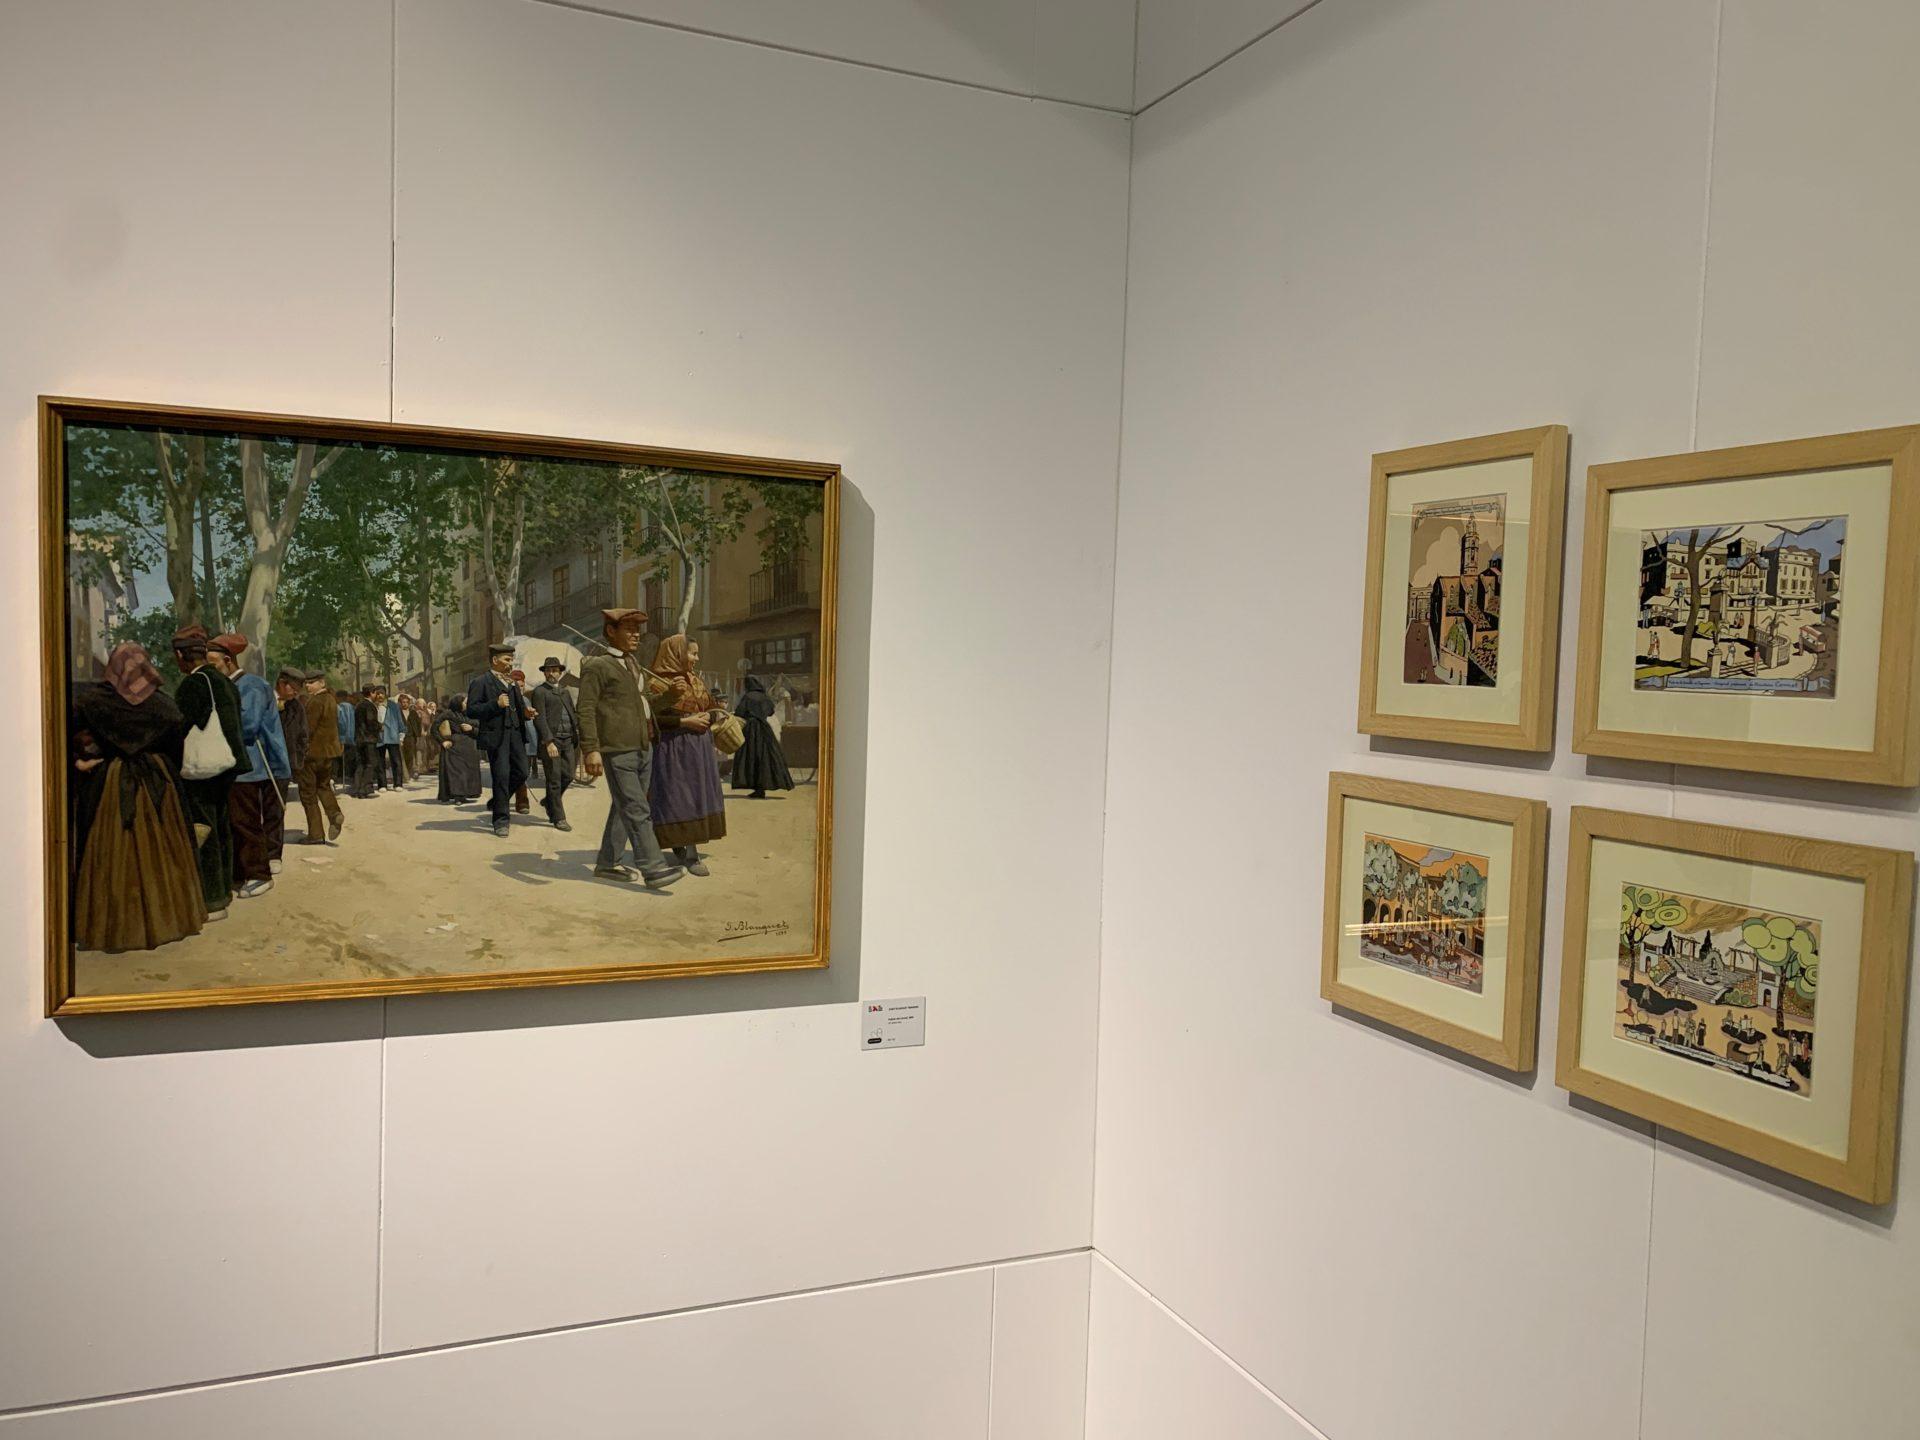 Exposat per reformes, al Museu de la Garrotxa.